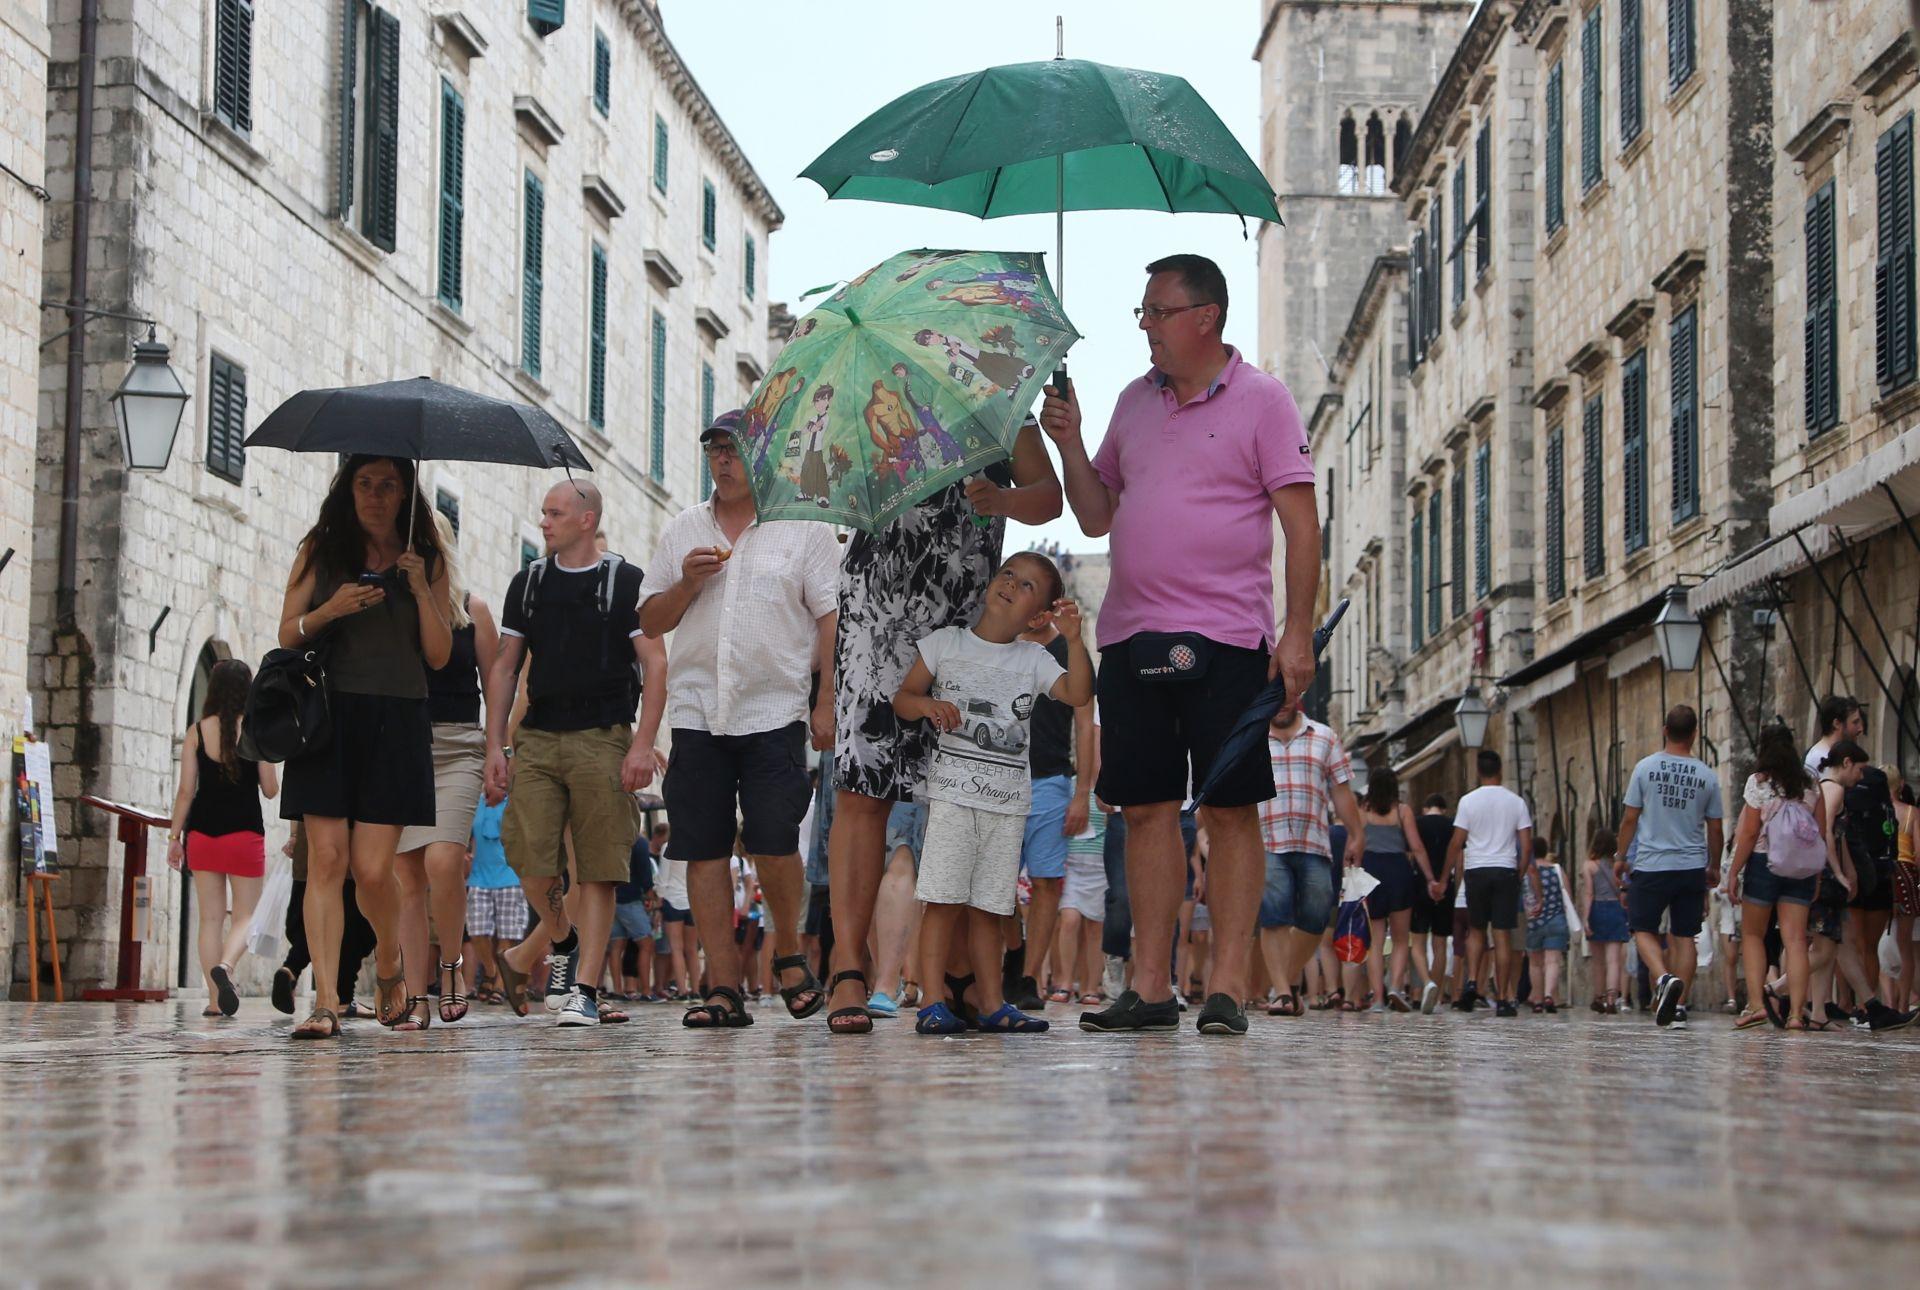 VRIJEME: Pretežno sunčano, u Dalmaciji moguć pokoji pljusak